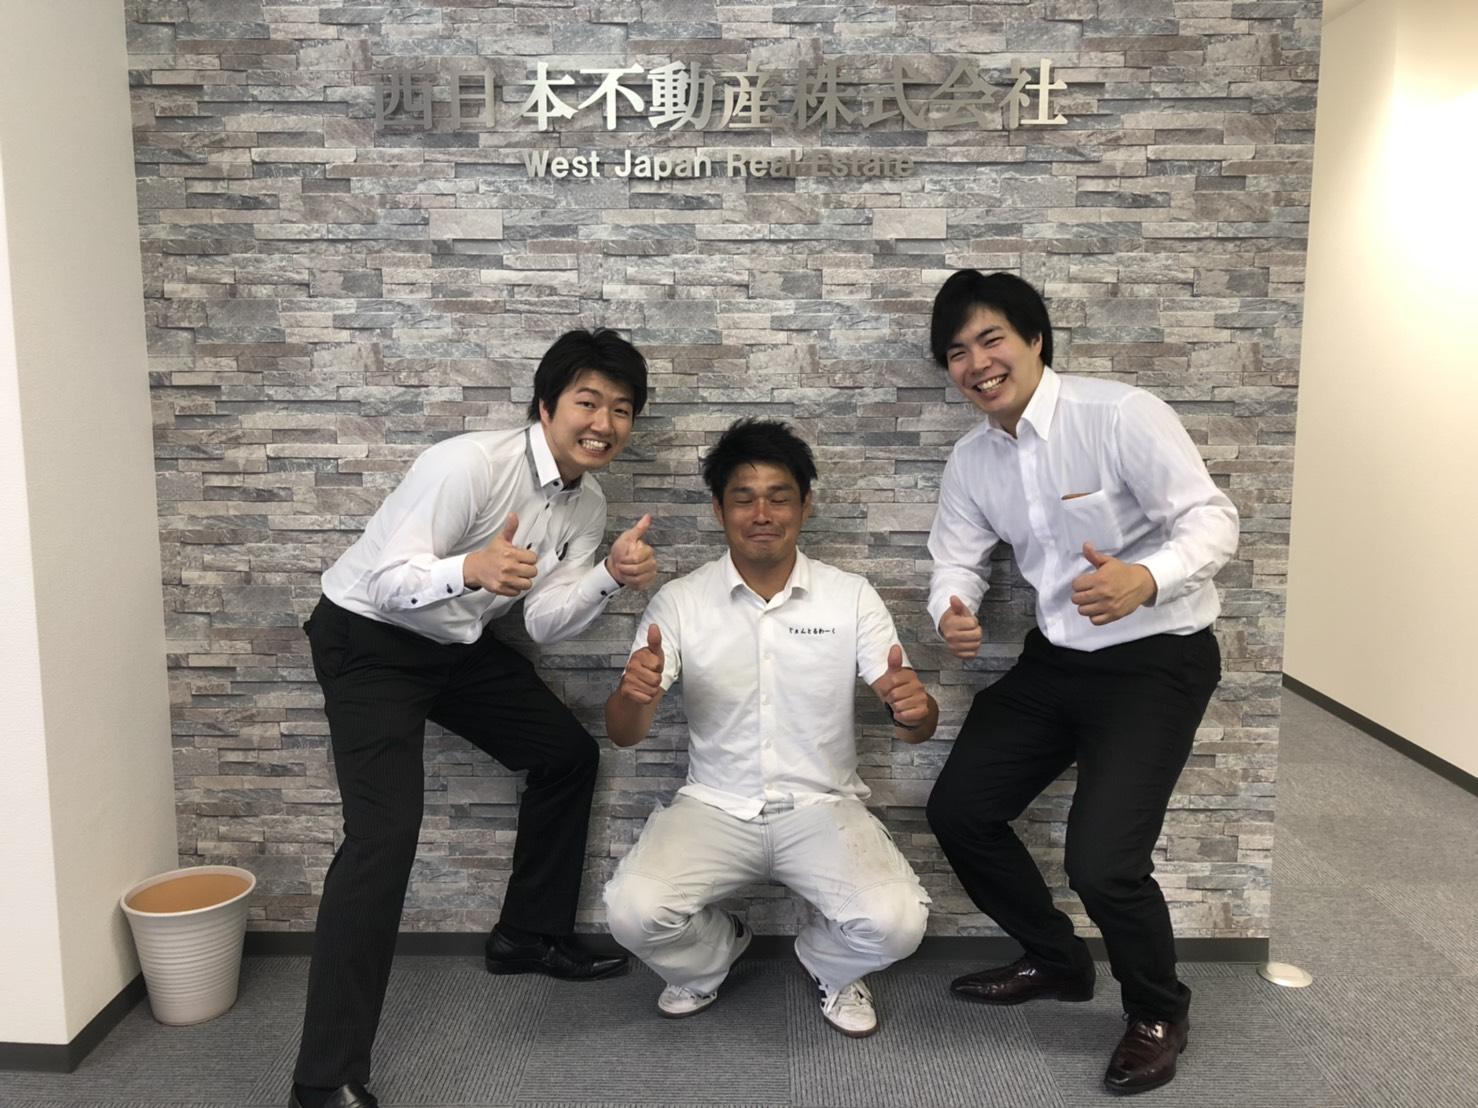 東大阪市センチュリー21西日本不動産販売様のお声